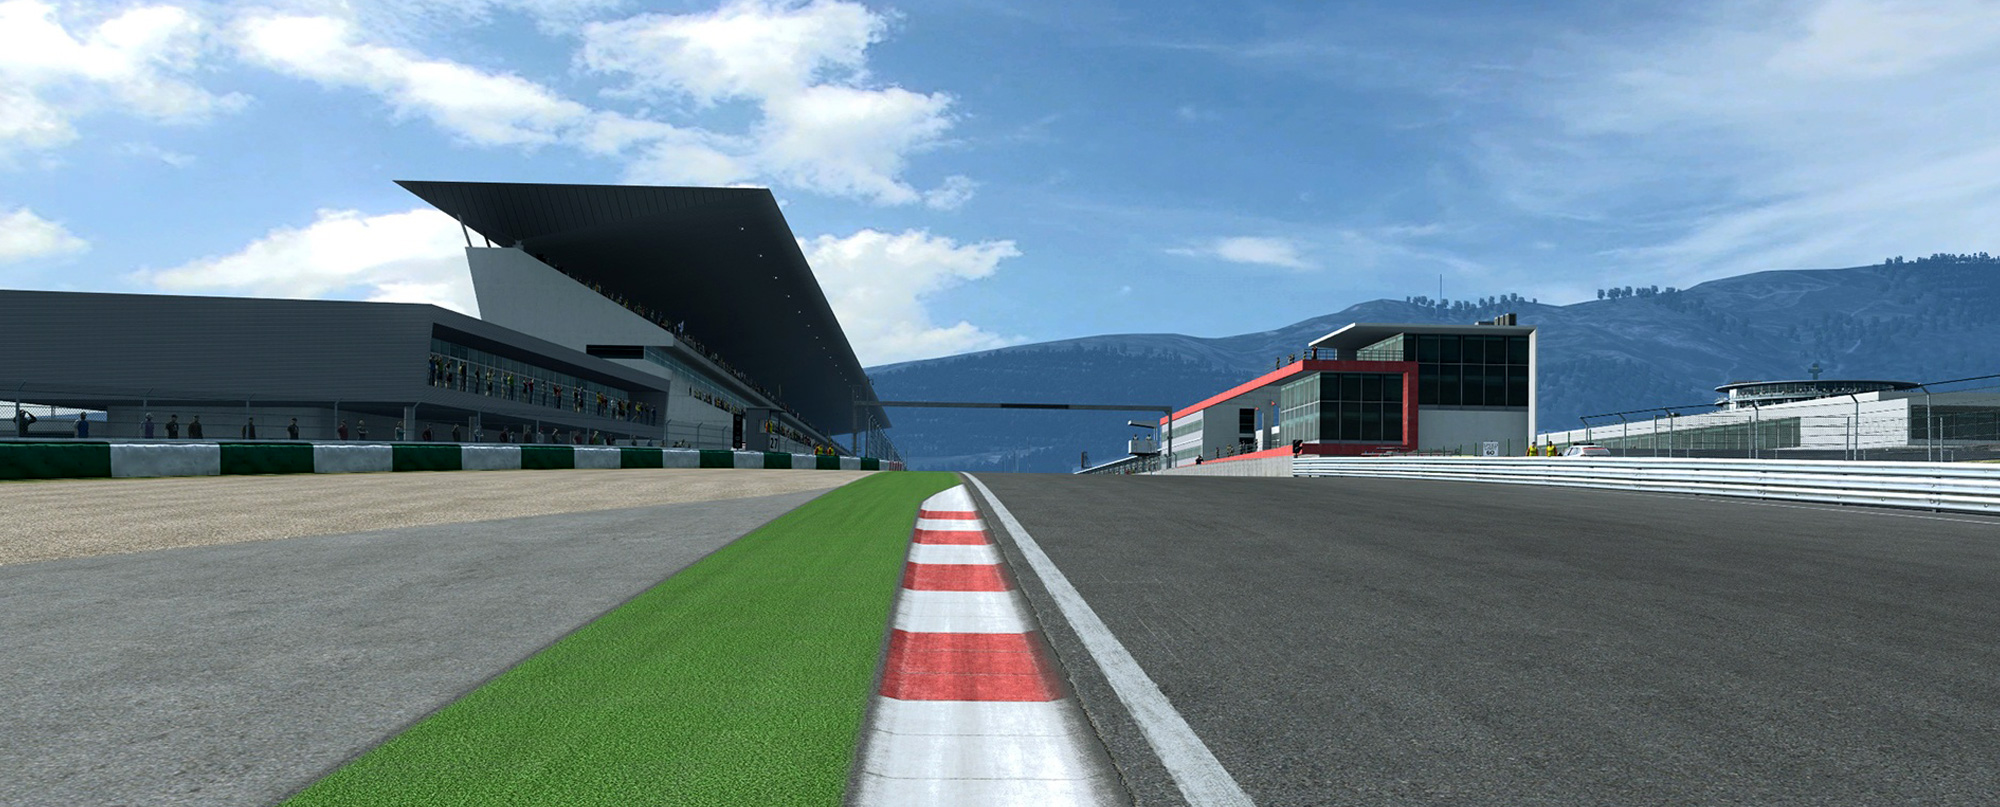 Grand Prix of Algarve